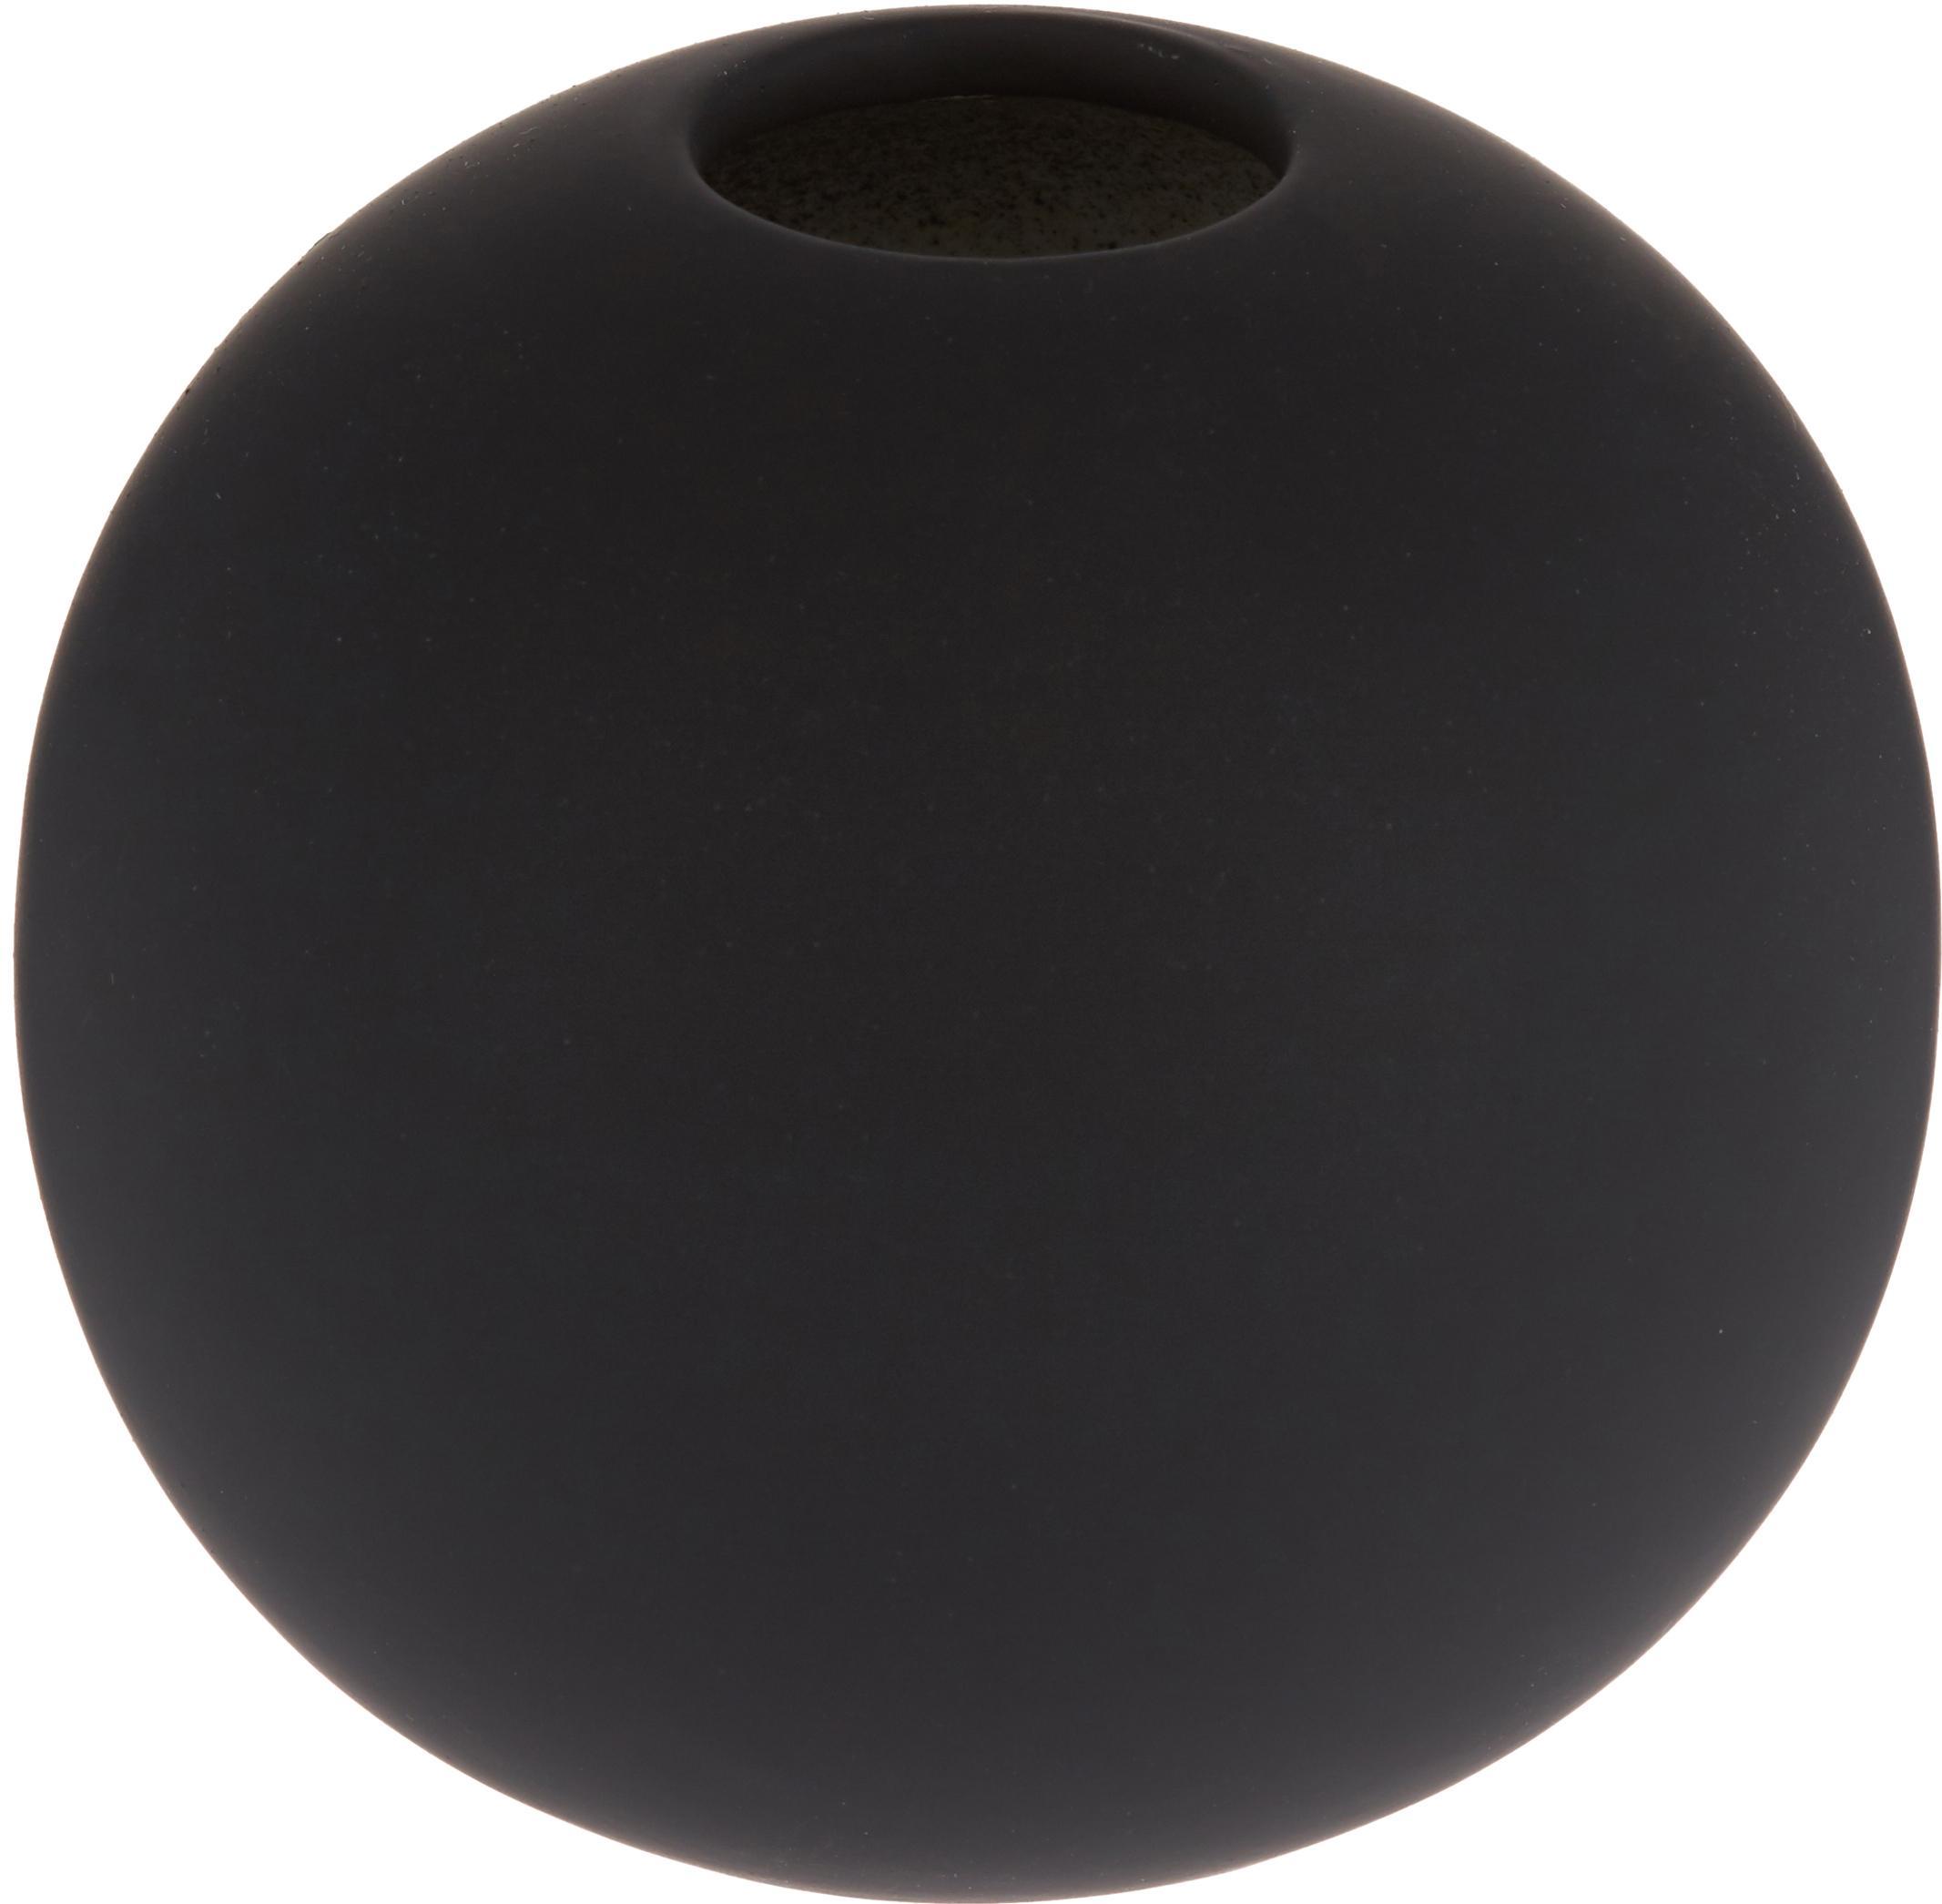 Jarrón artesanal Ball, Cerámica, Negro, Ø 8 x Al 8 cm